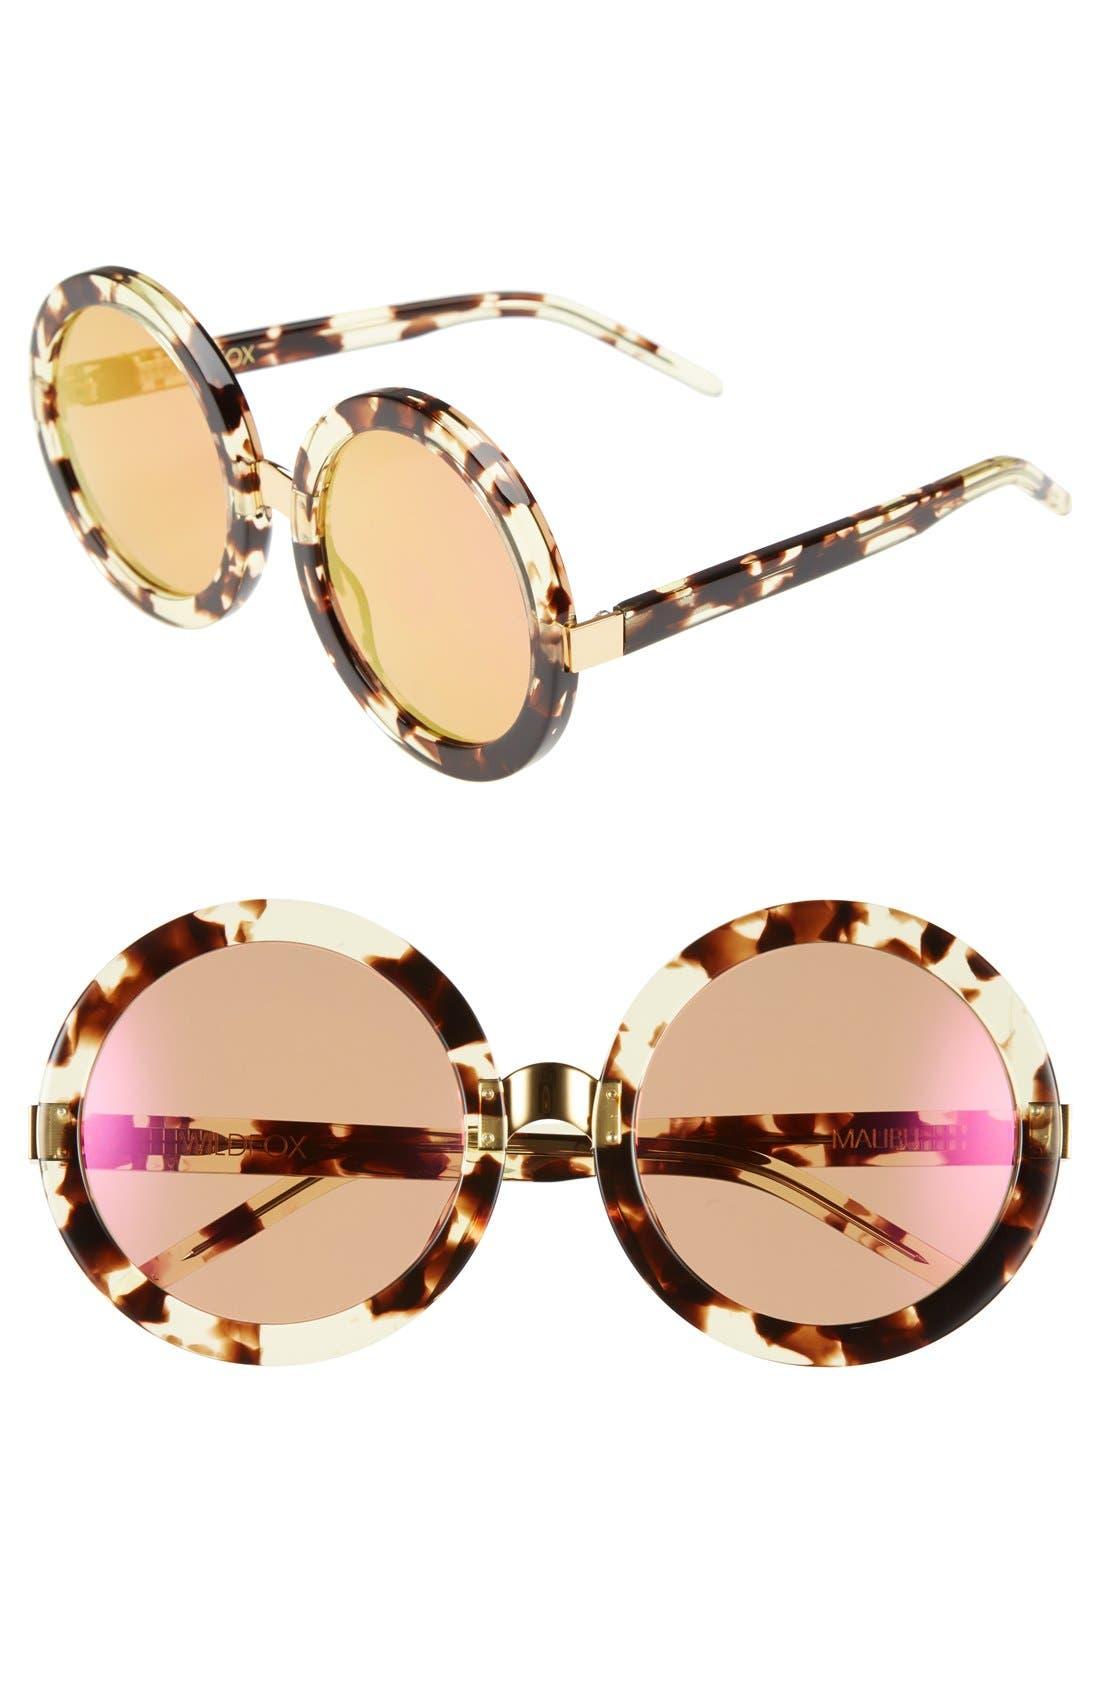 WILDFOX Malibu Deluxe 55mm Retro Sunglasses